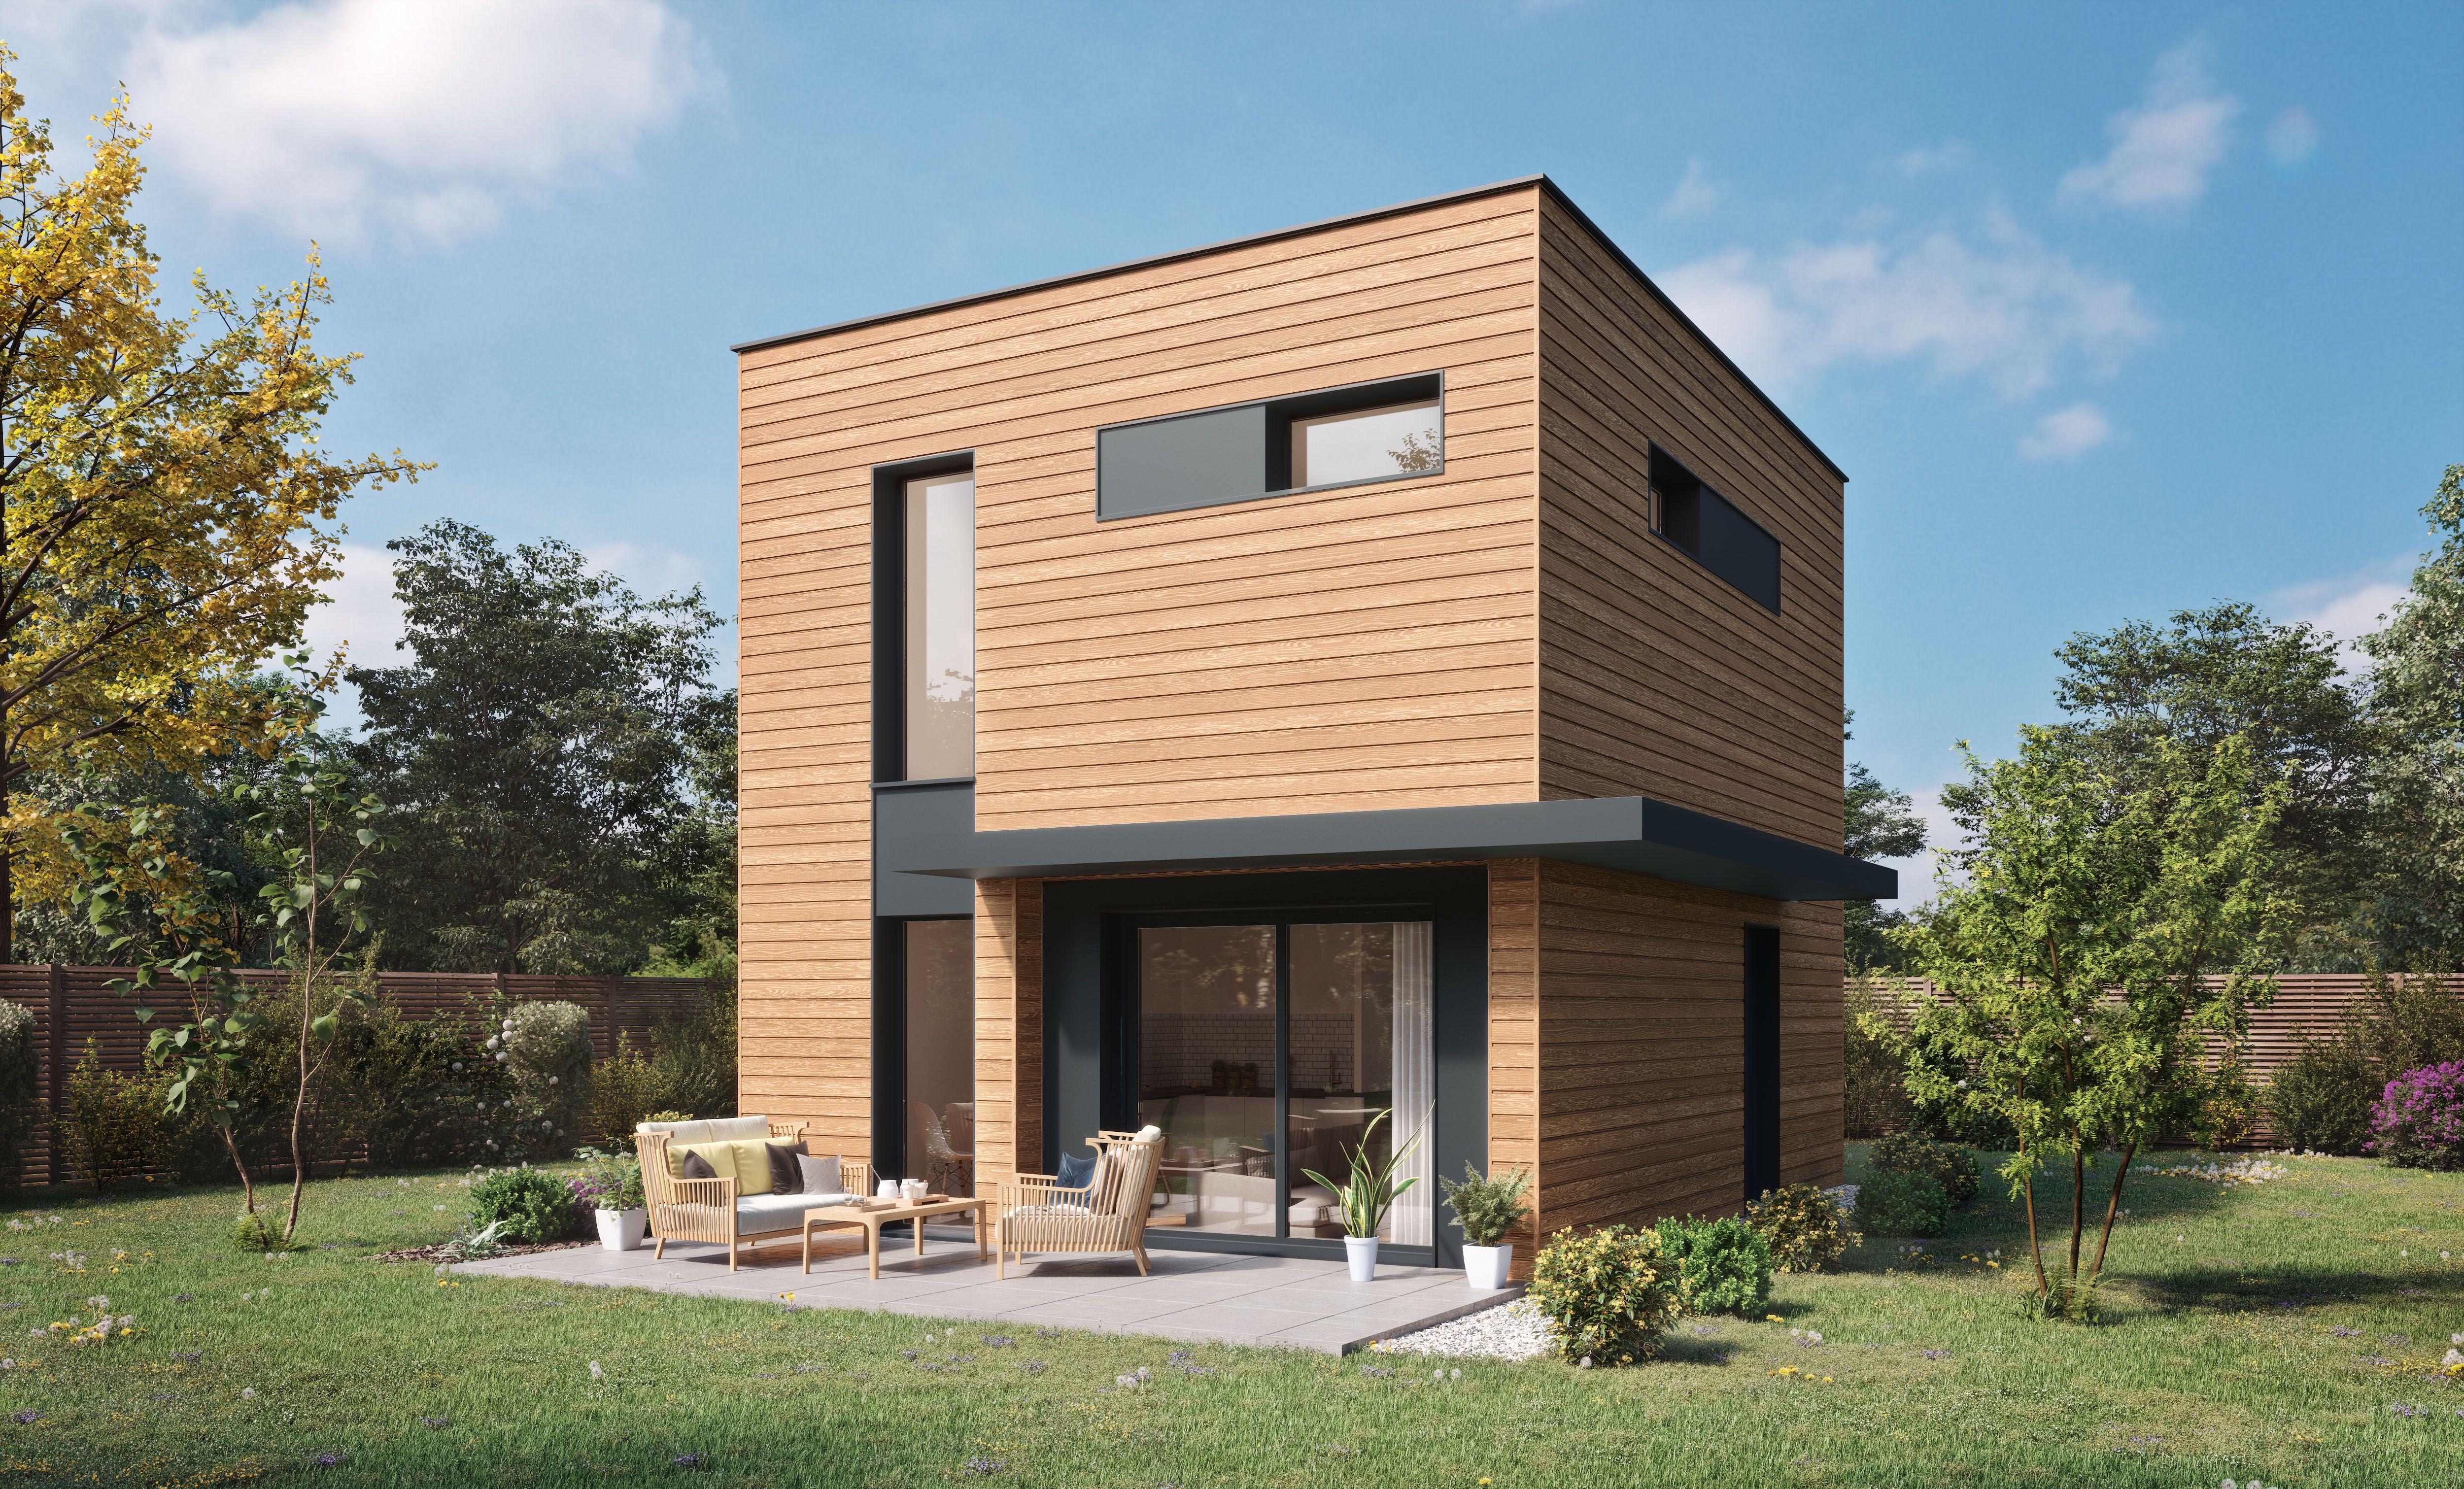 Maison moderne à ossature bois & bardage bois en 2020 | Maison ossature bois, Constructeur ...